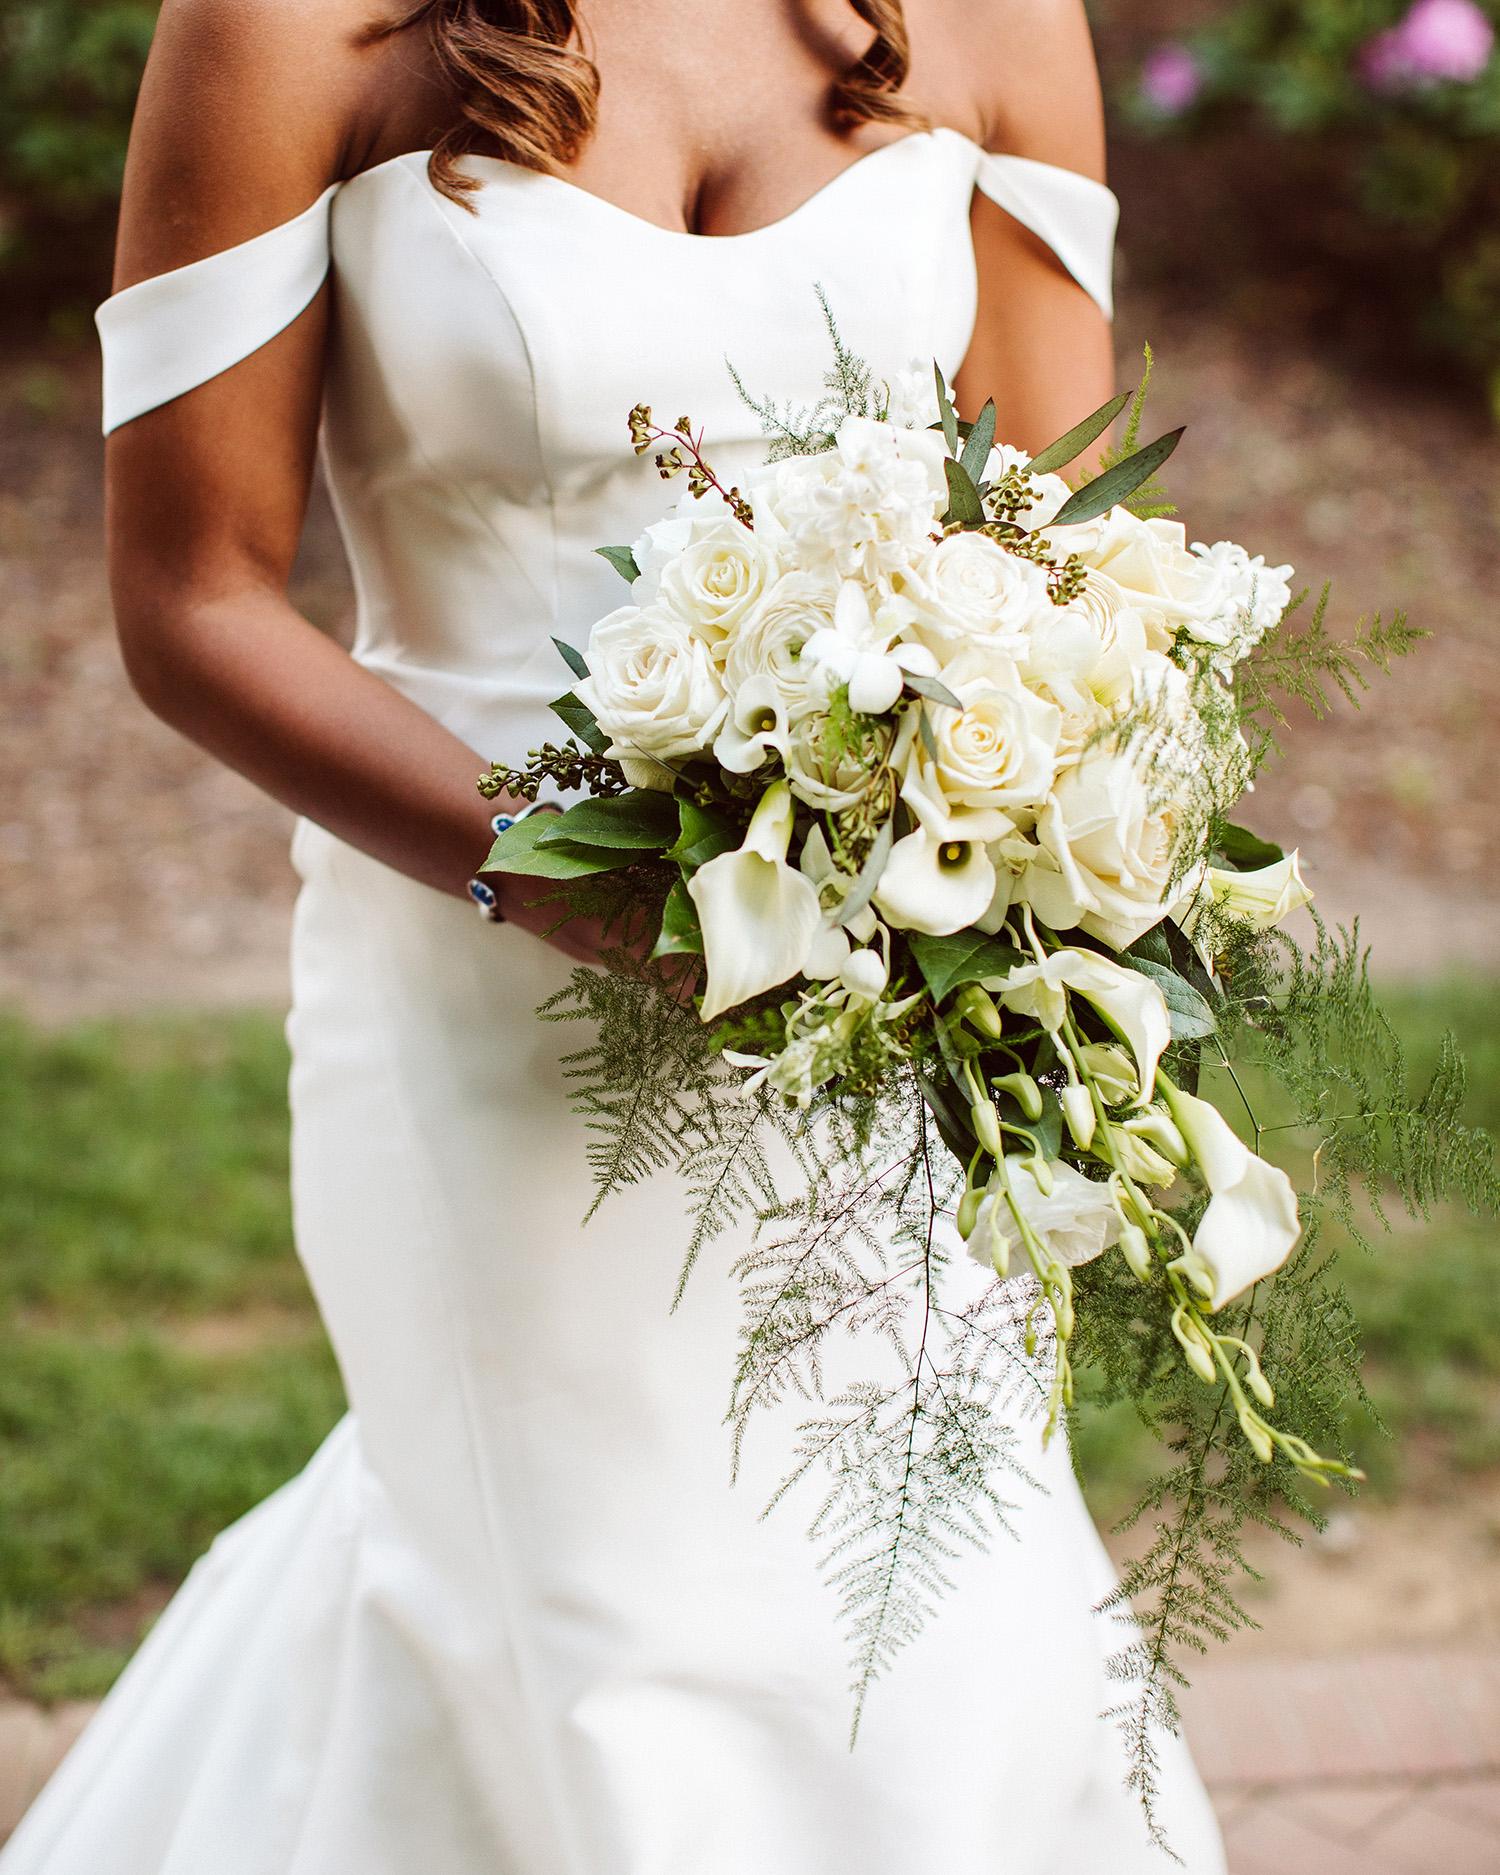 bryanna nick wedding bride flower bouquet